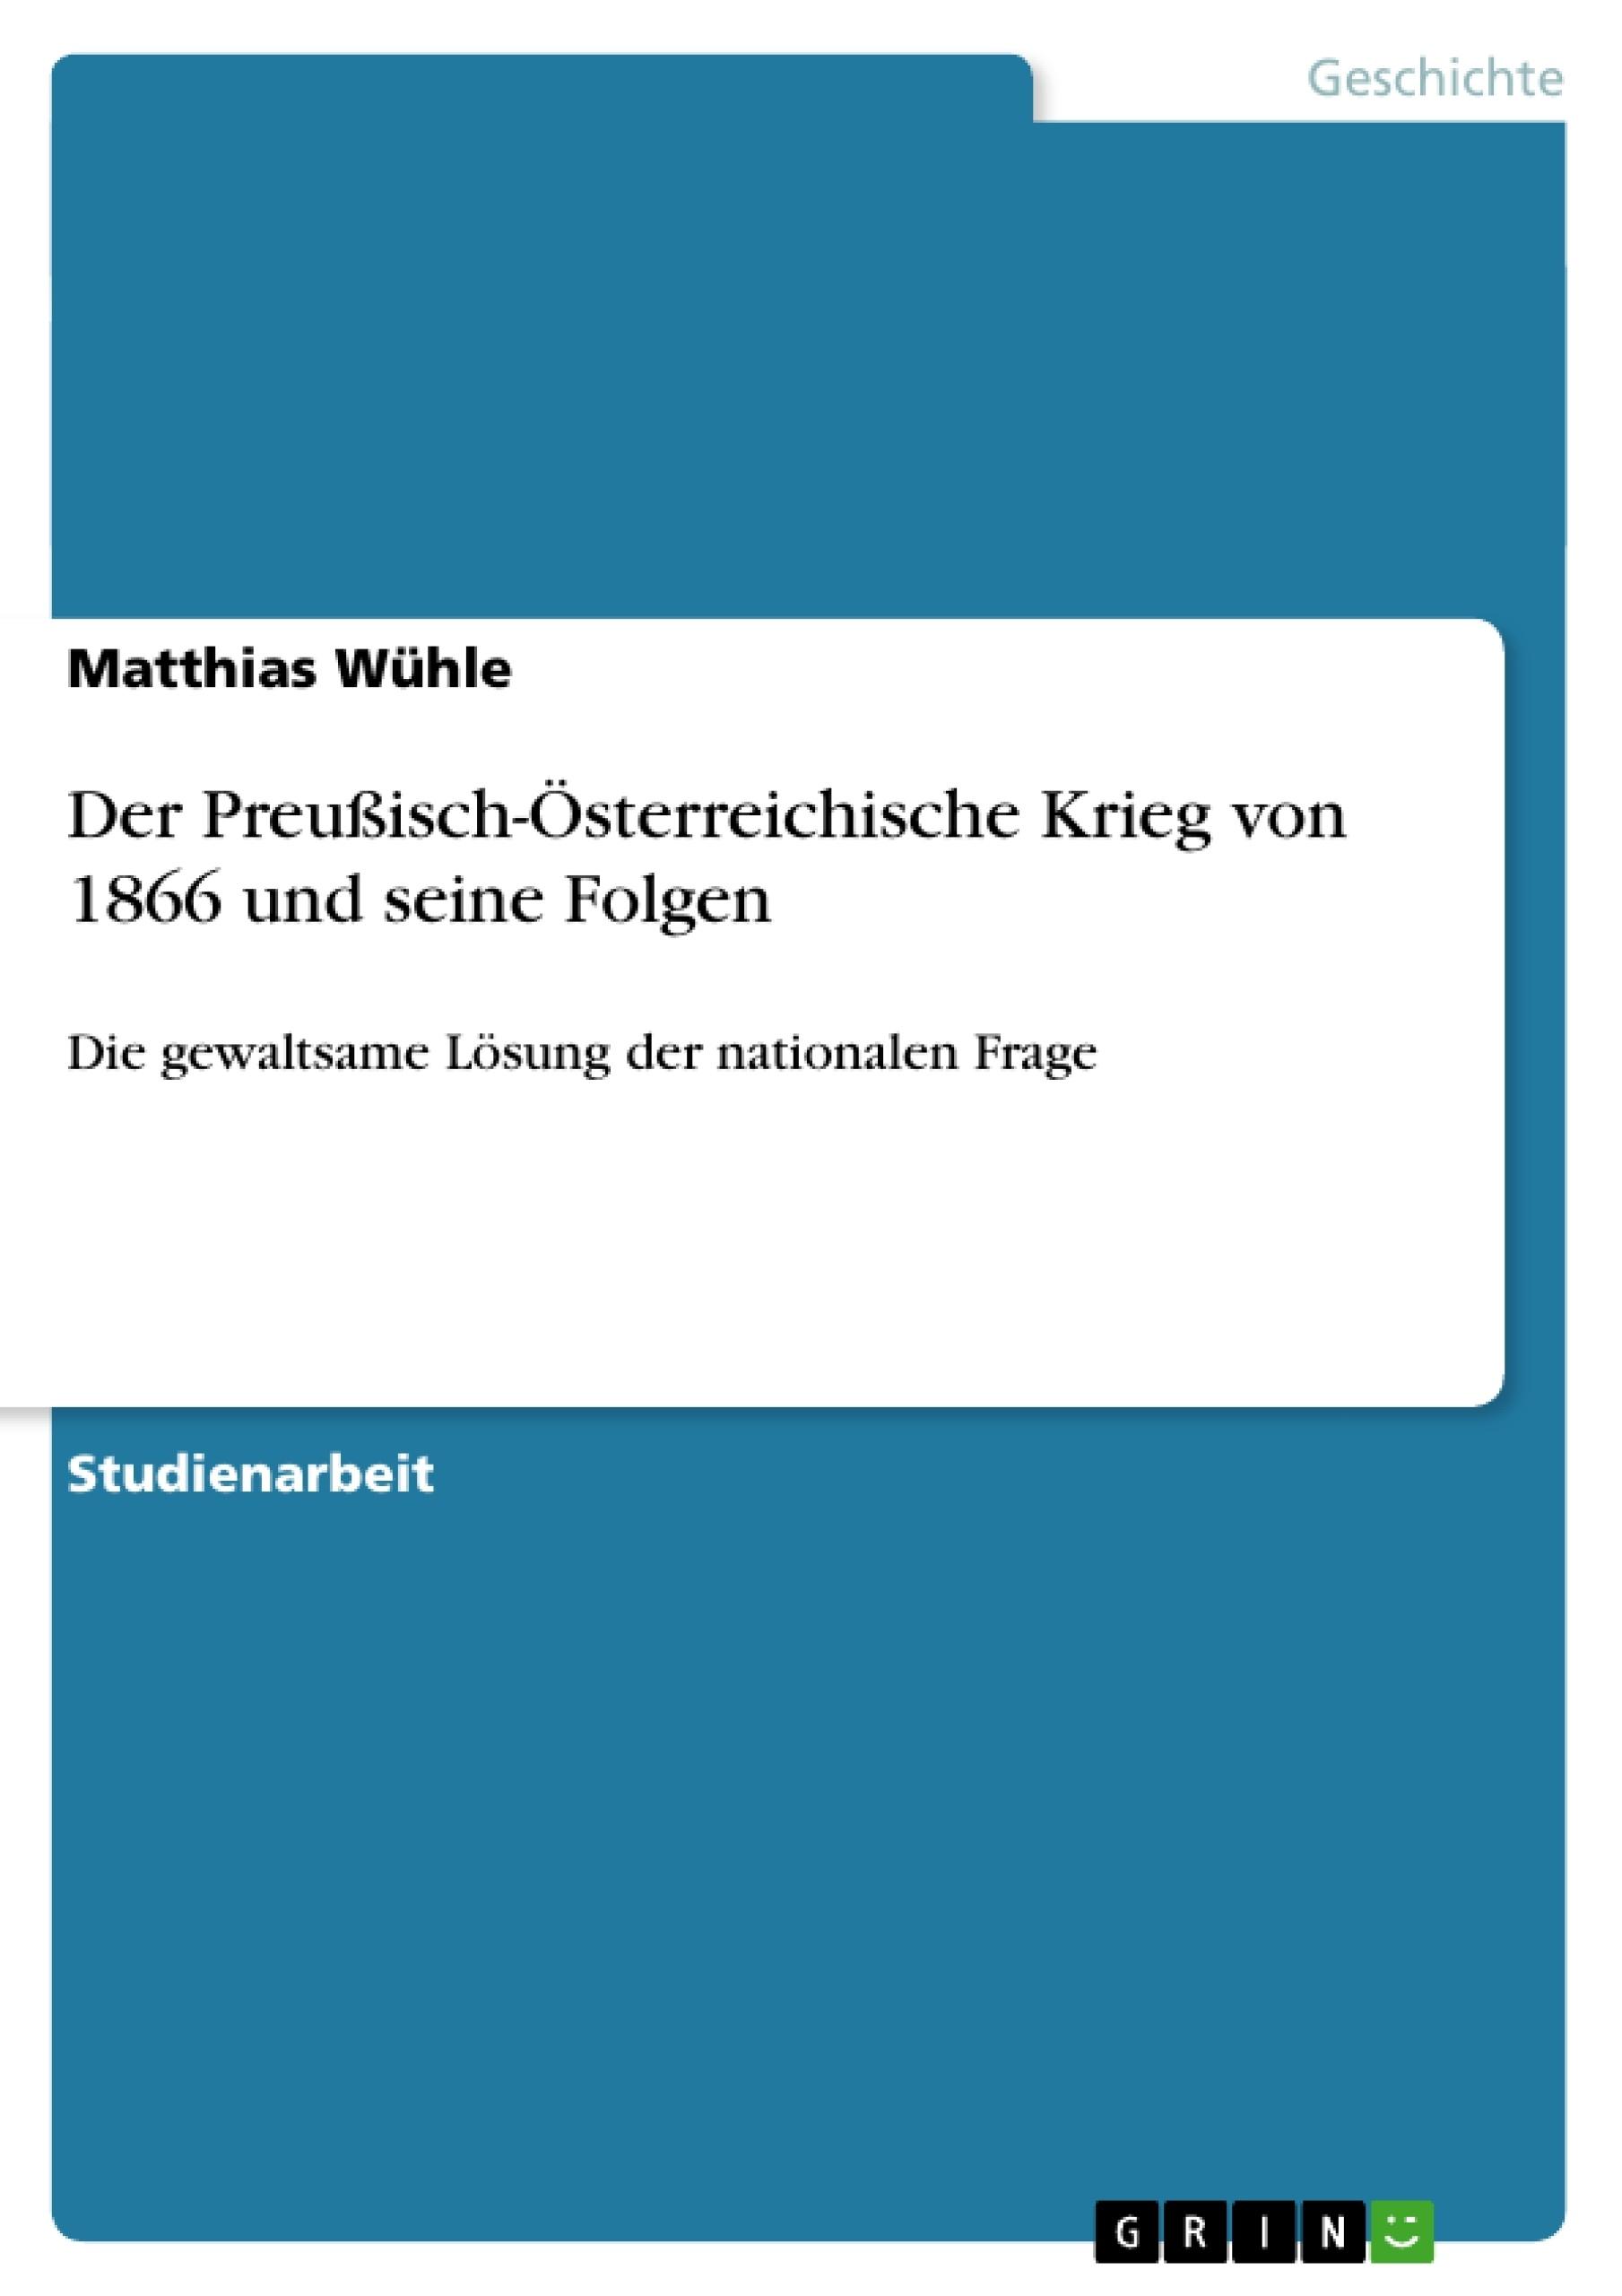 Titel: Der Preußisch-Österreichische Krieg von 1866 und seine Folgen